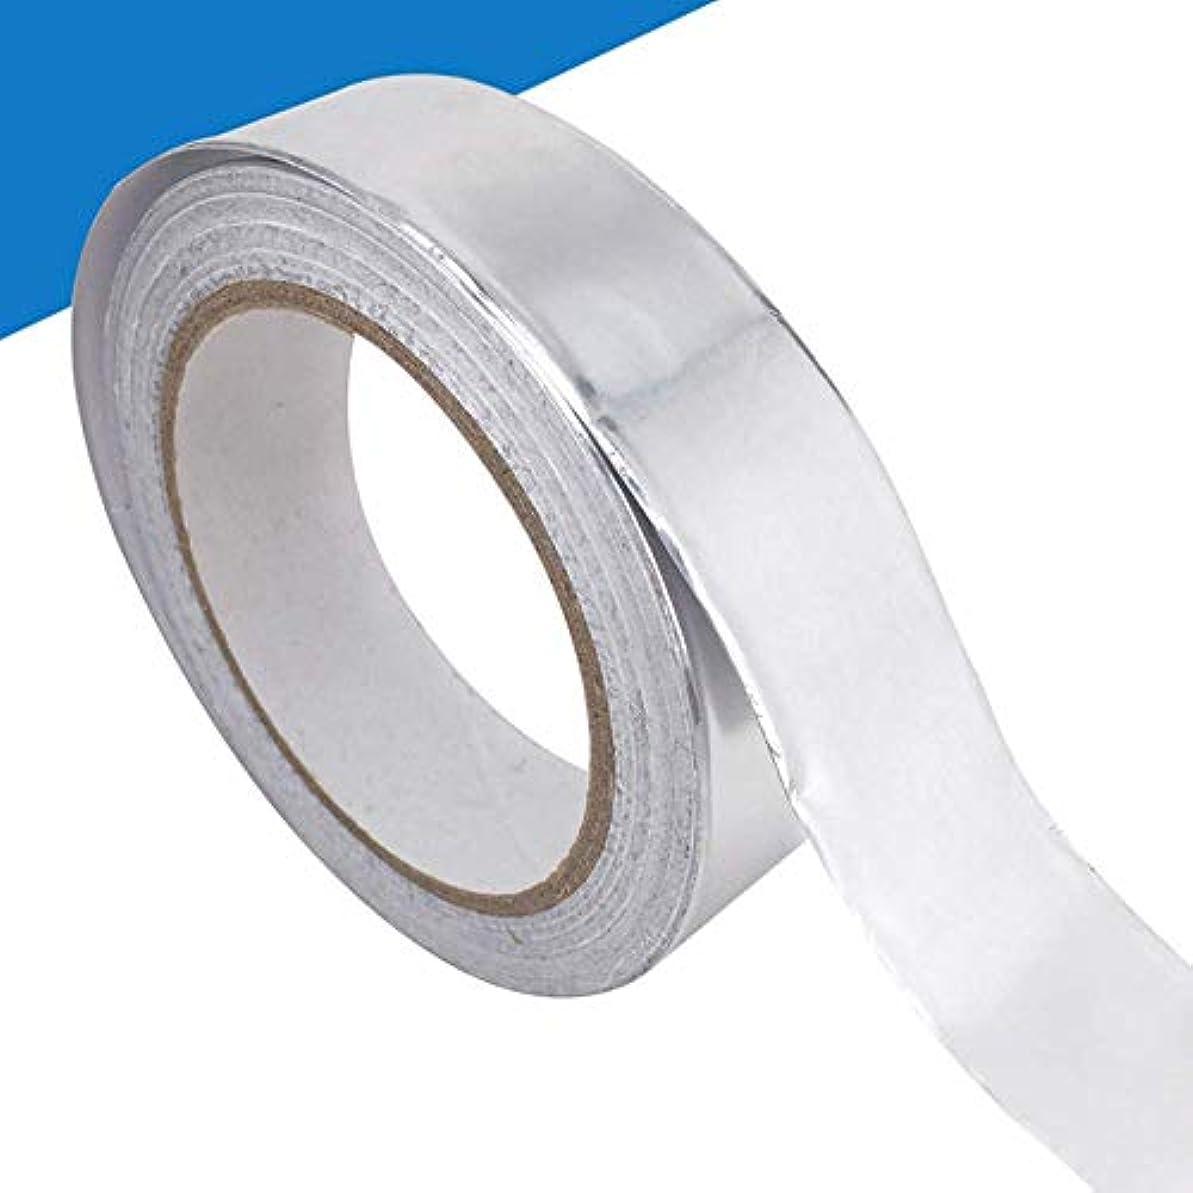 心理的にコントロール自分を引き上げるSimg 導電性アルミテープ アルミ箔テープ 放射線防護 耐熱性 防水 多機能 25mm幅x20m